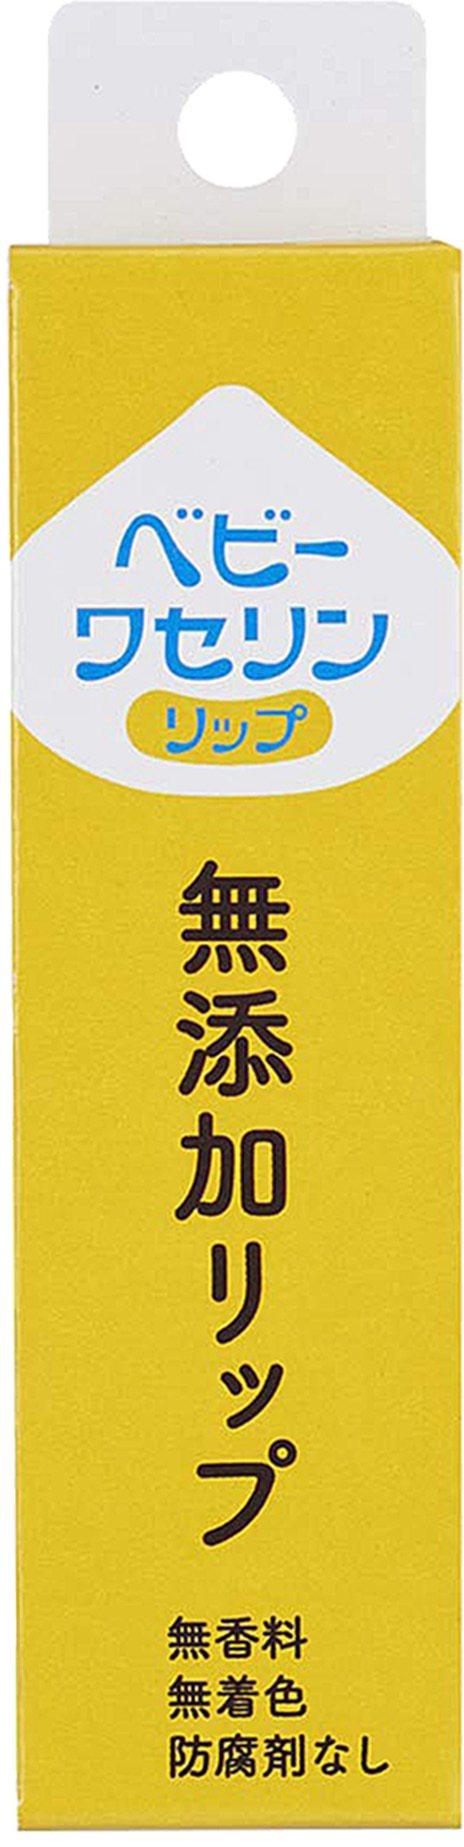 松本清獨家推出健榮製藥寶貝凡士林護唇膏,售價98元。圖/松本清提供